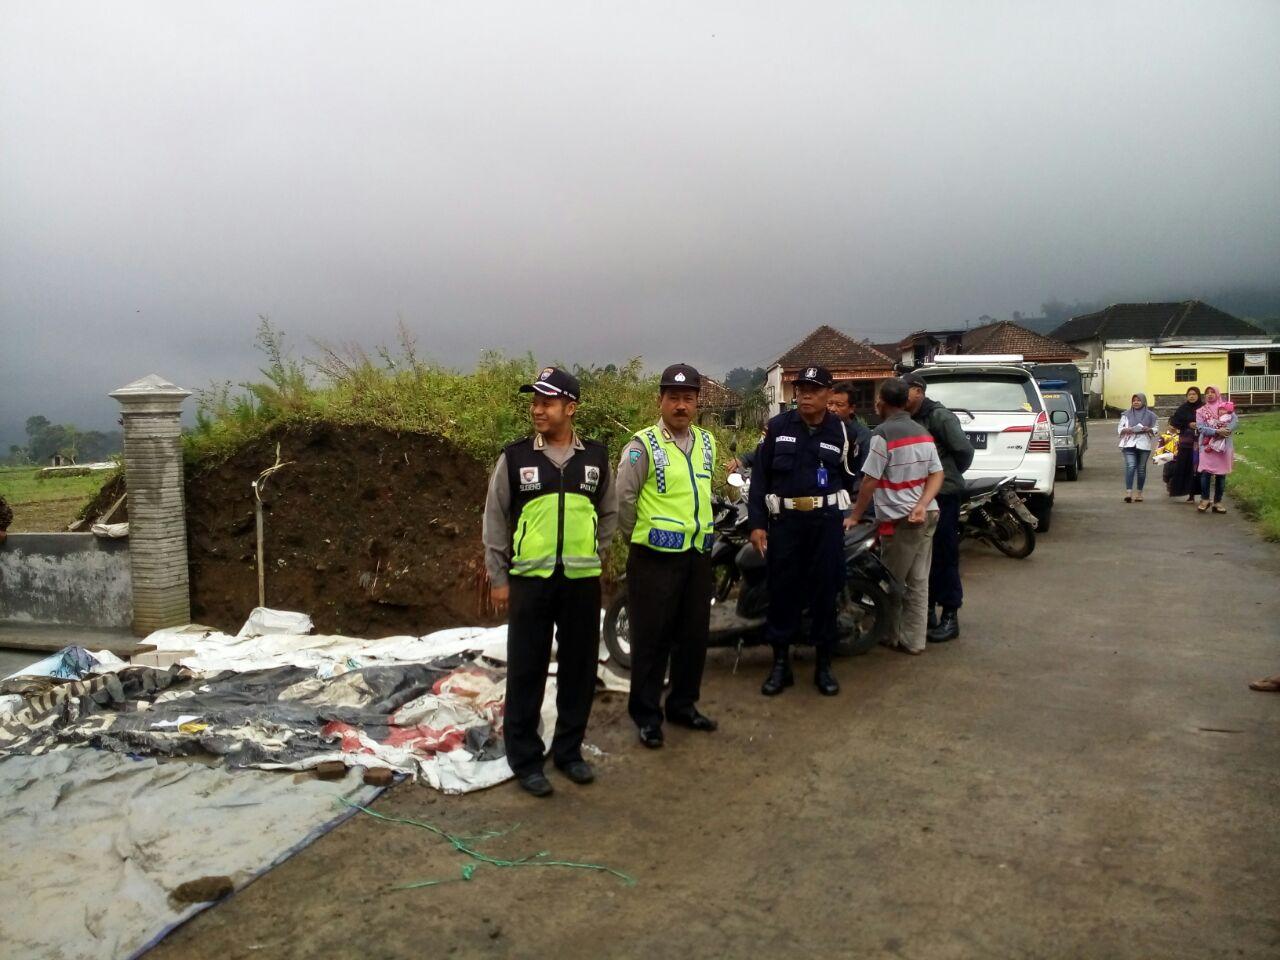 Anggota Bhabinkamtibms Polsek Pujon Polres Batu Menghadiri Giat Warga Di Desa Bnaanya